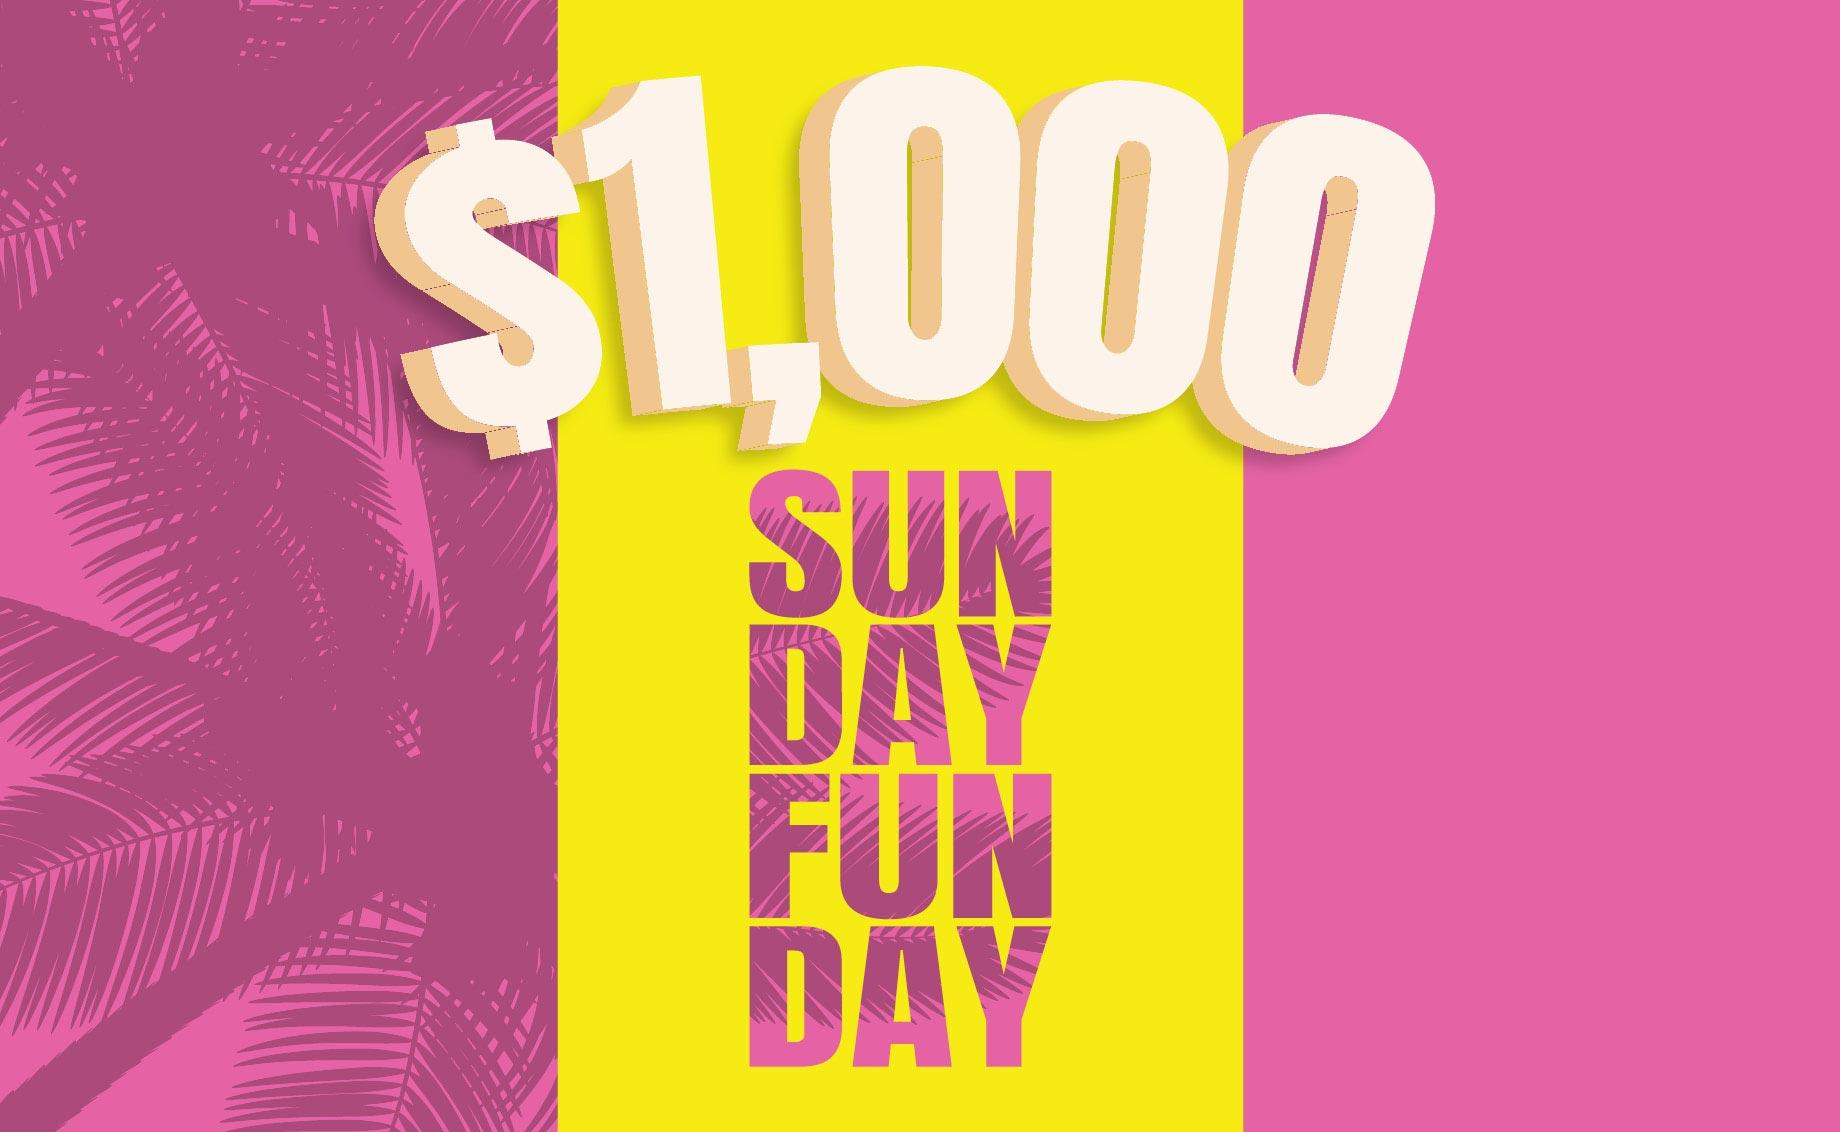 $1,000 Sunday Funday